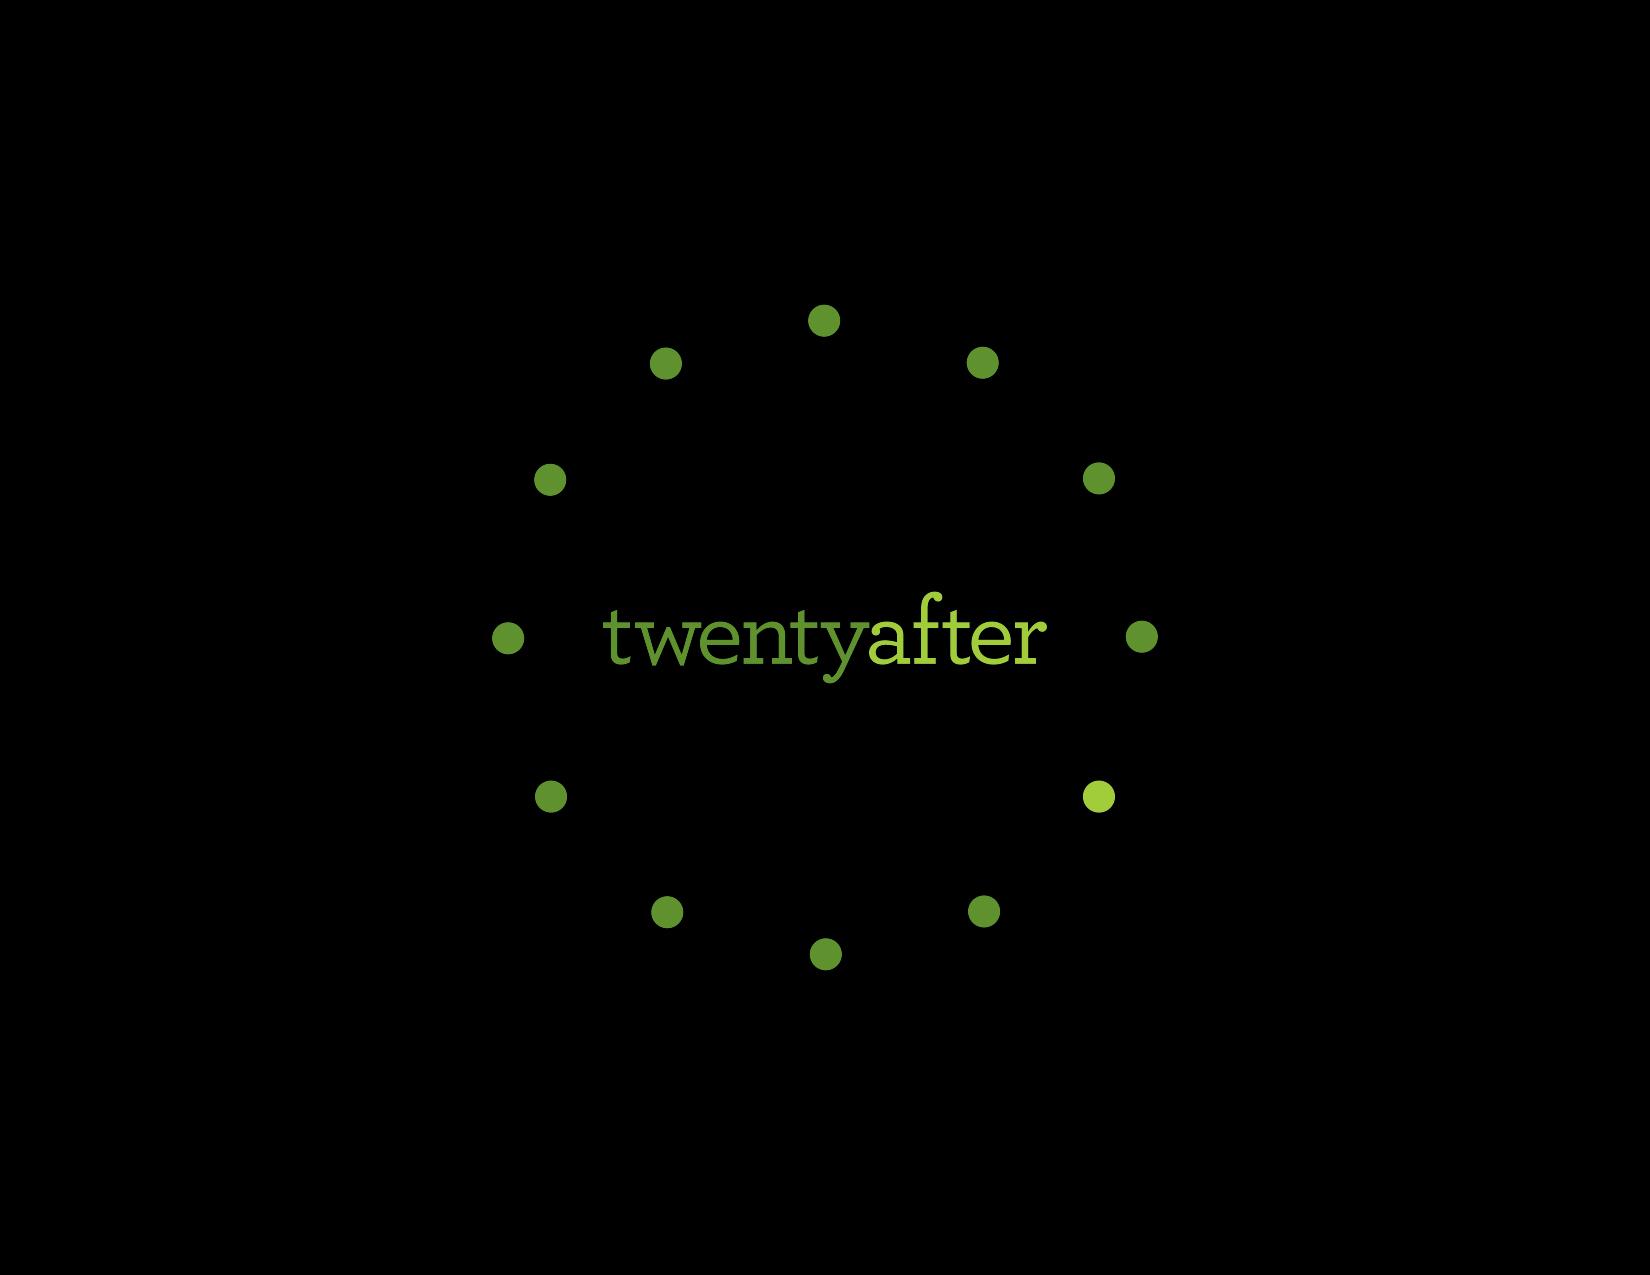 TwentyAfter_CircleLogo.jpg